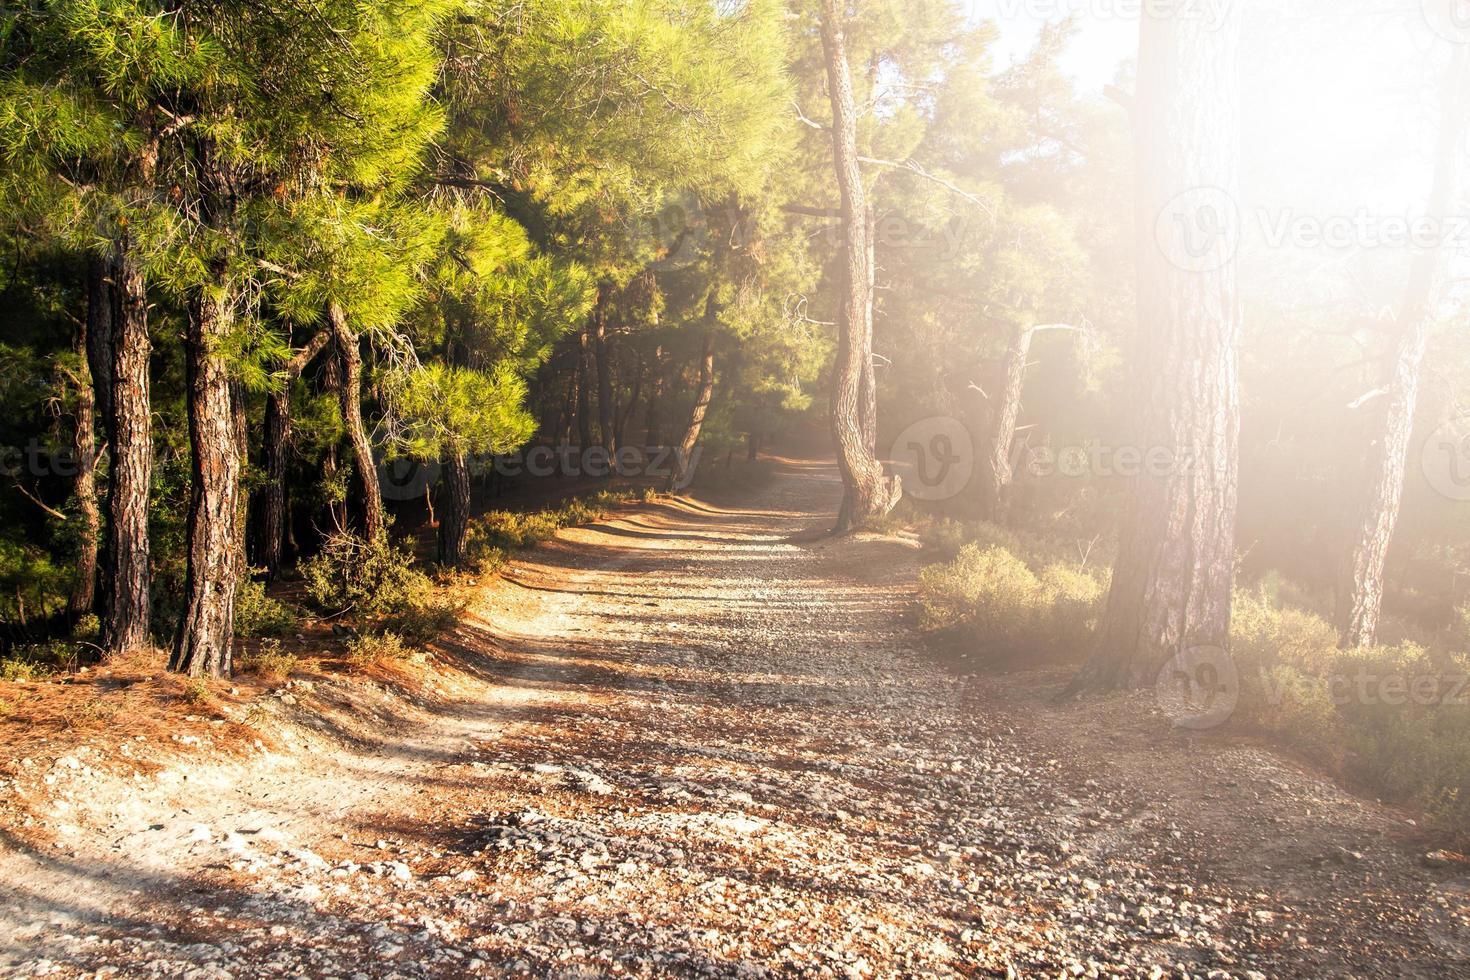 caminho de caminhada na floresta foto